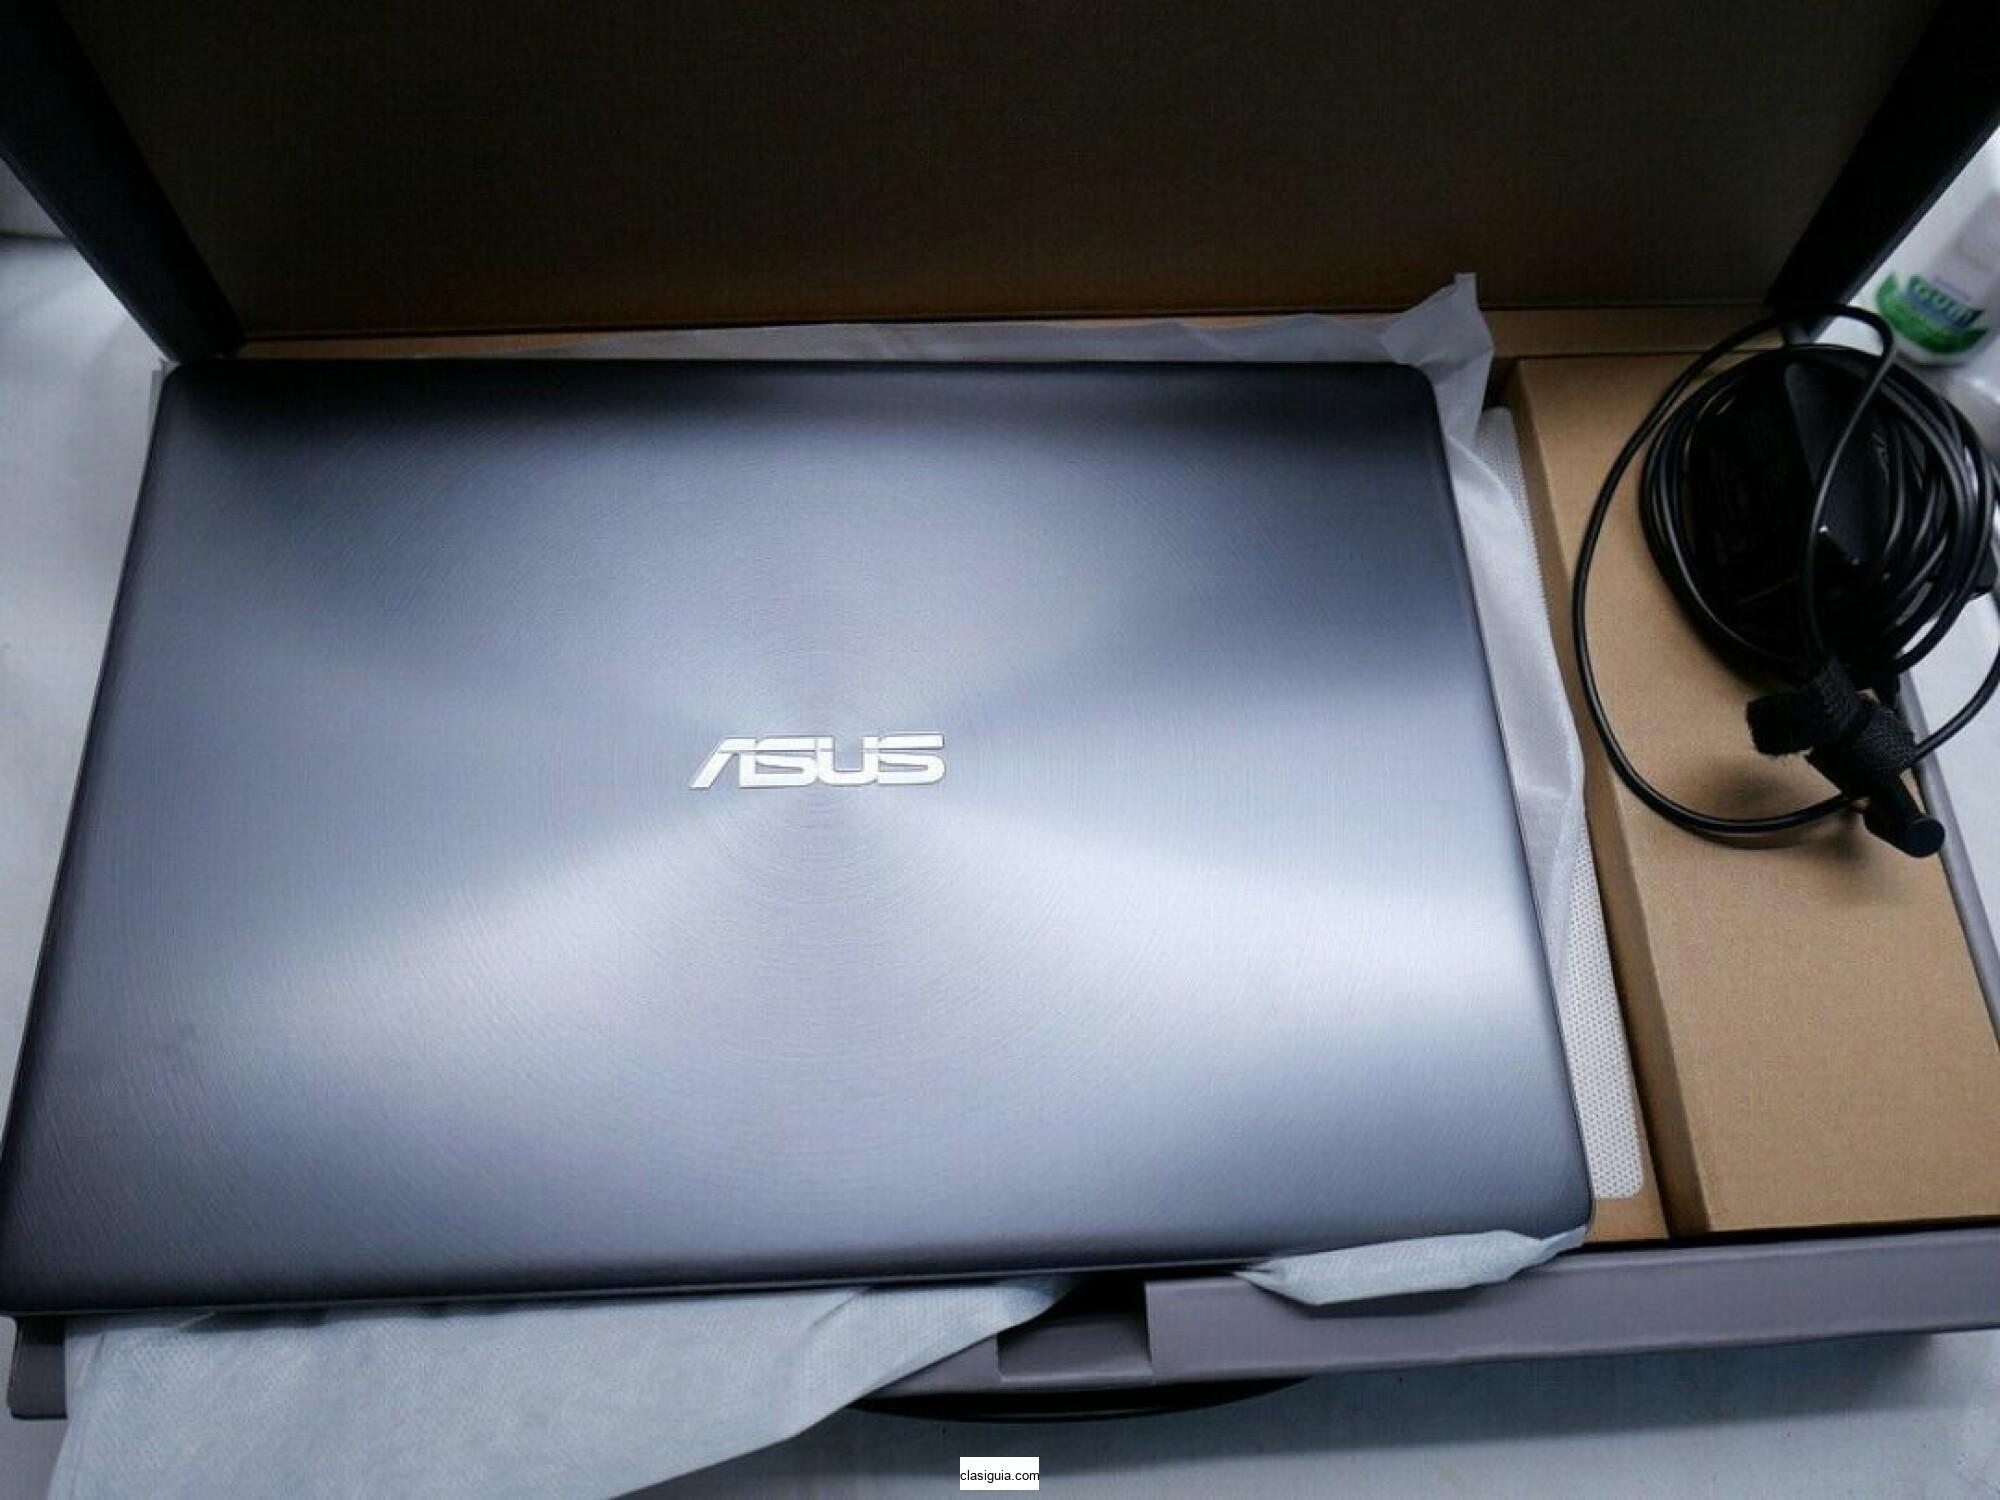 ASUS ZenBook 13 13.3in 512GB I5 8th Gen. 3.9GHz 8GB